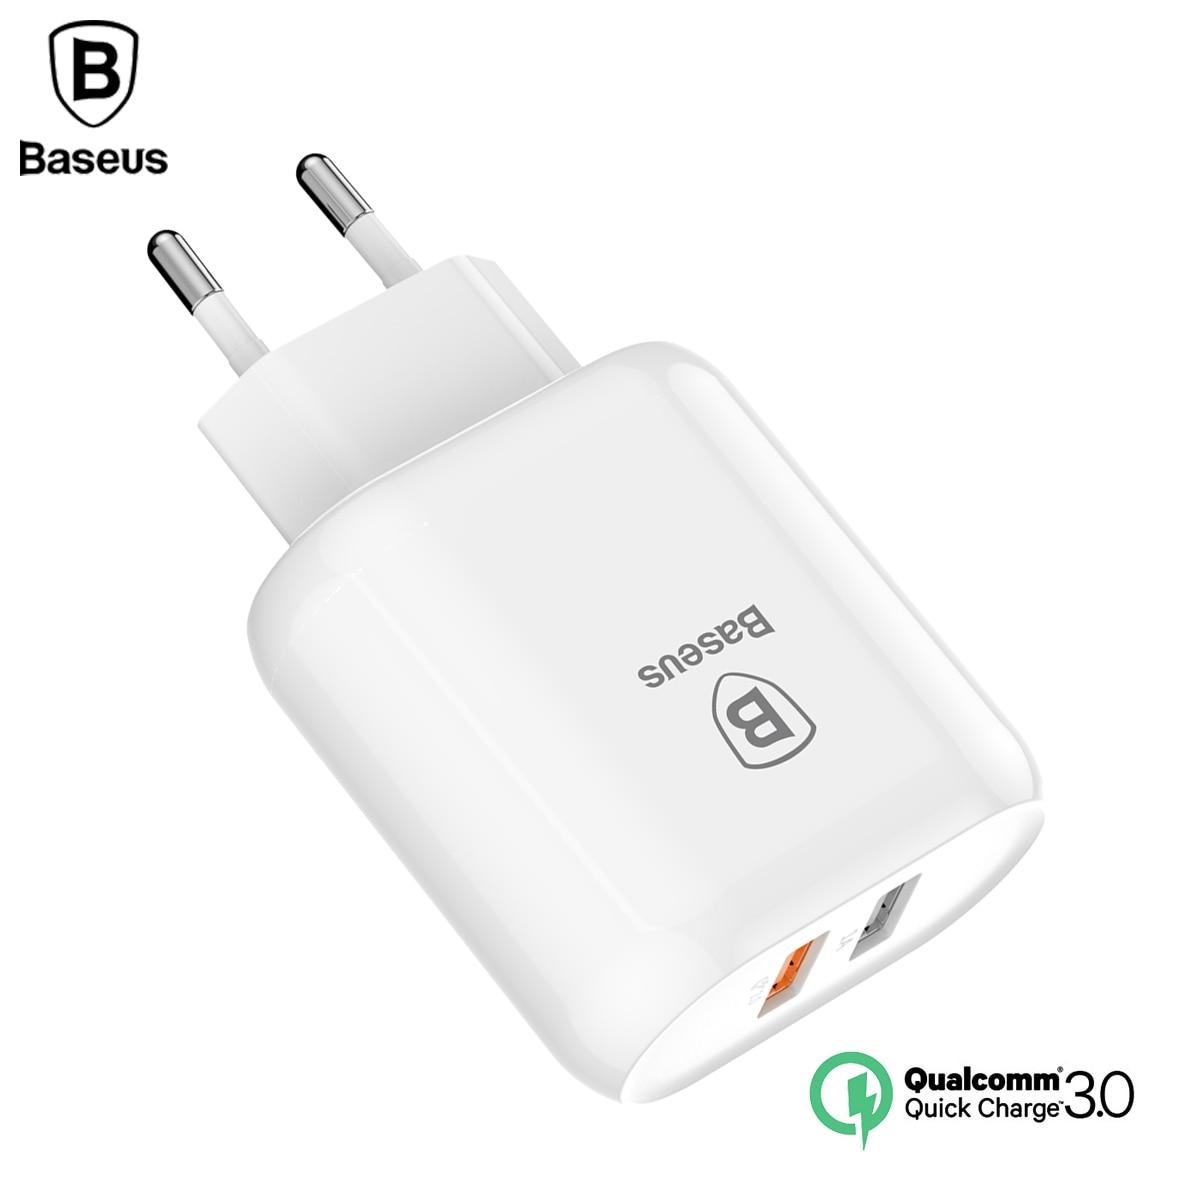 Baseus QC 3.0 Dual USB Charger Adapter Es